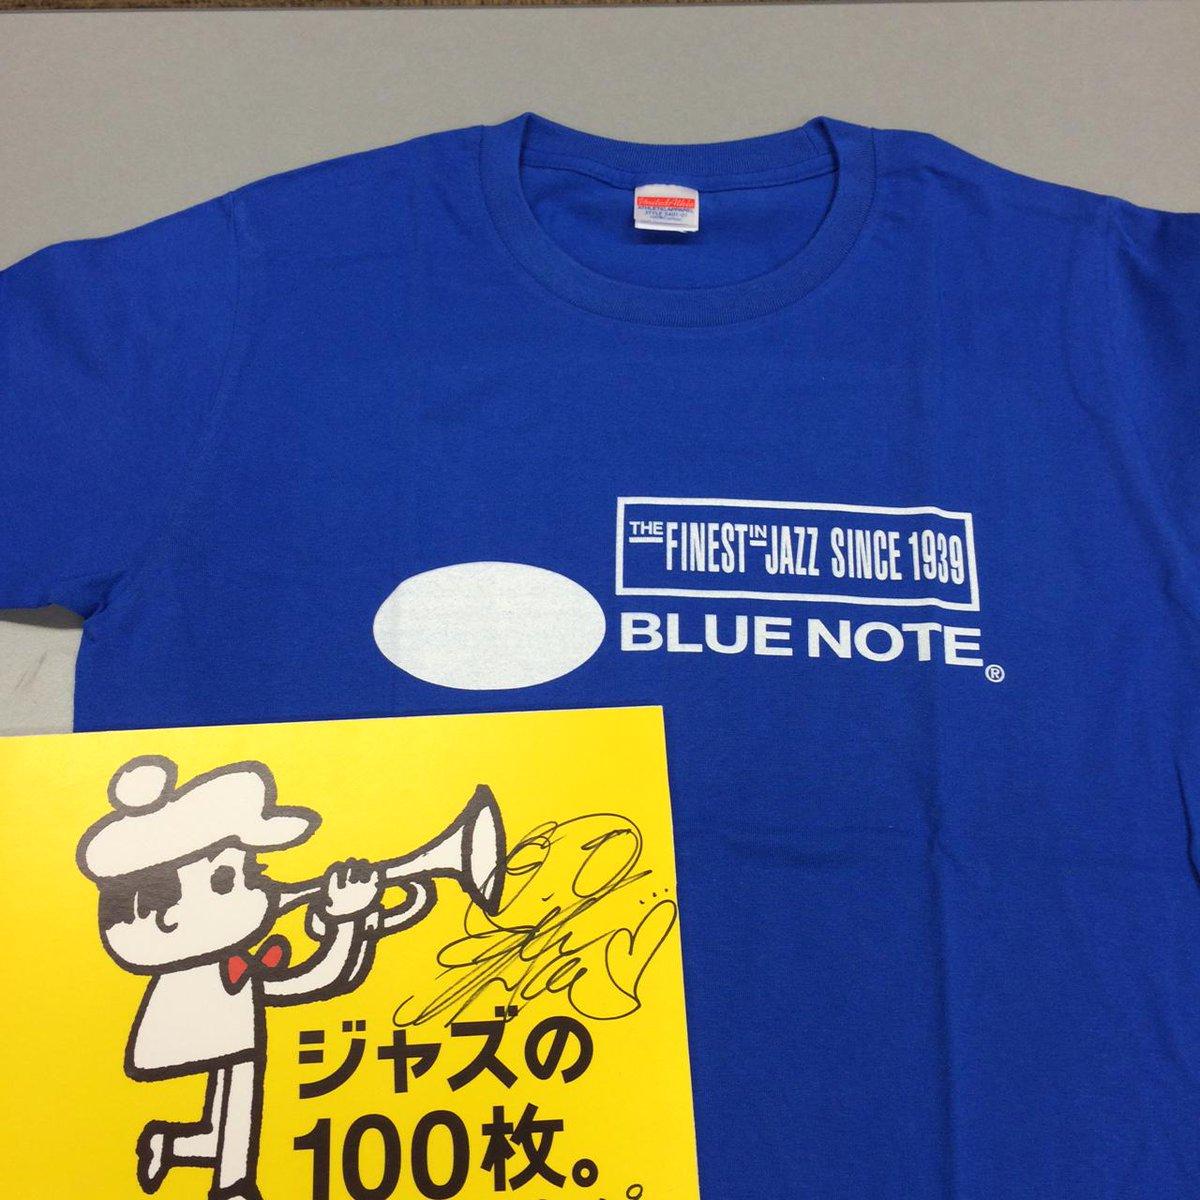 『#ジャズの100枚。』大ヒット御礼! #田中理恵 サイン入りボードと田中さんビデオ出演「クール・ストラッティン」を生んだ「ブルーノート」Tシャツセット1名様に。フォロー&RTで当たります http://t.co/OaAF8WoDEJ http://t.co/7aRQfr77bP